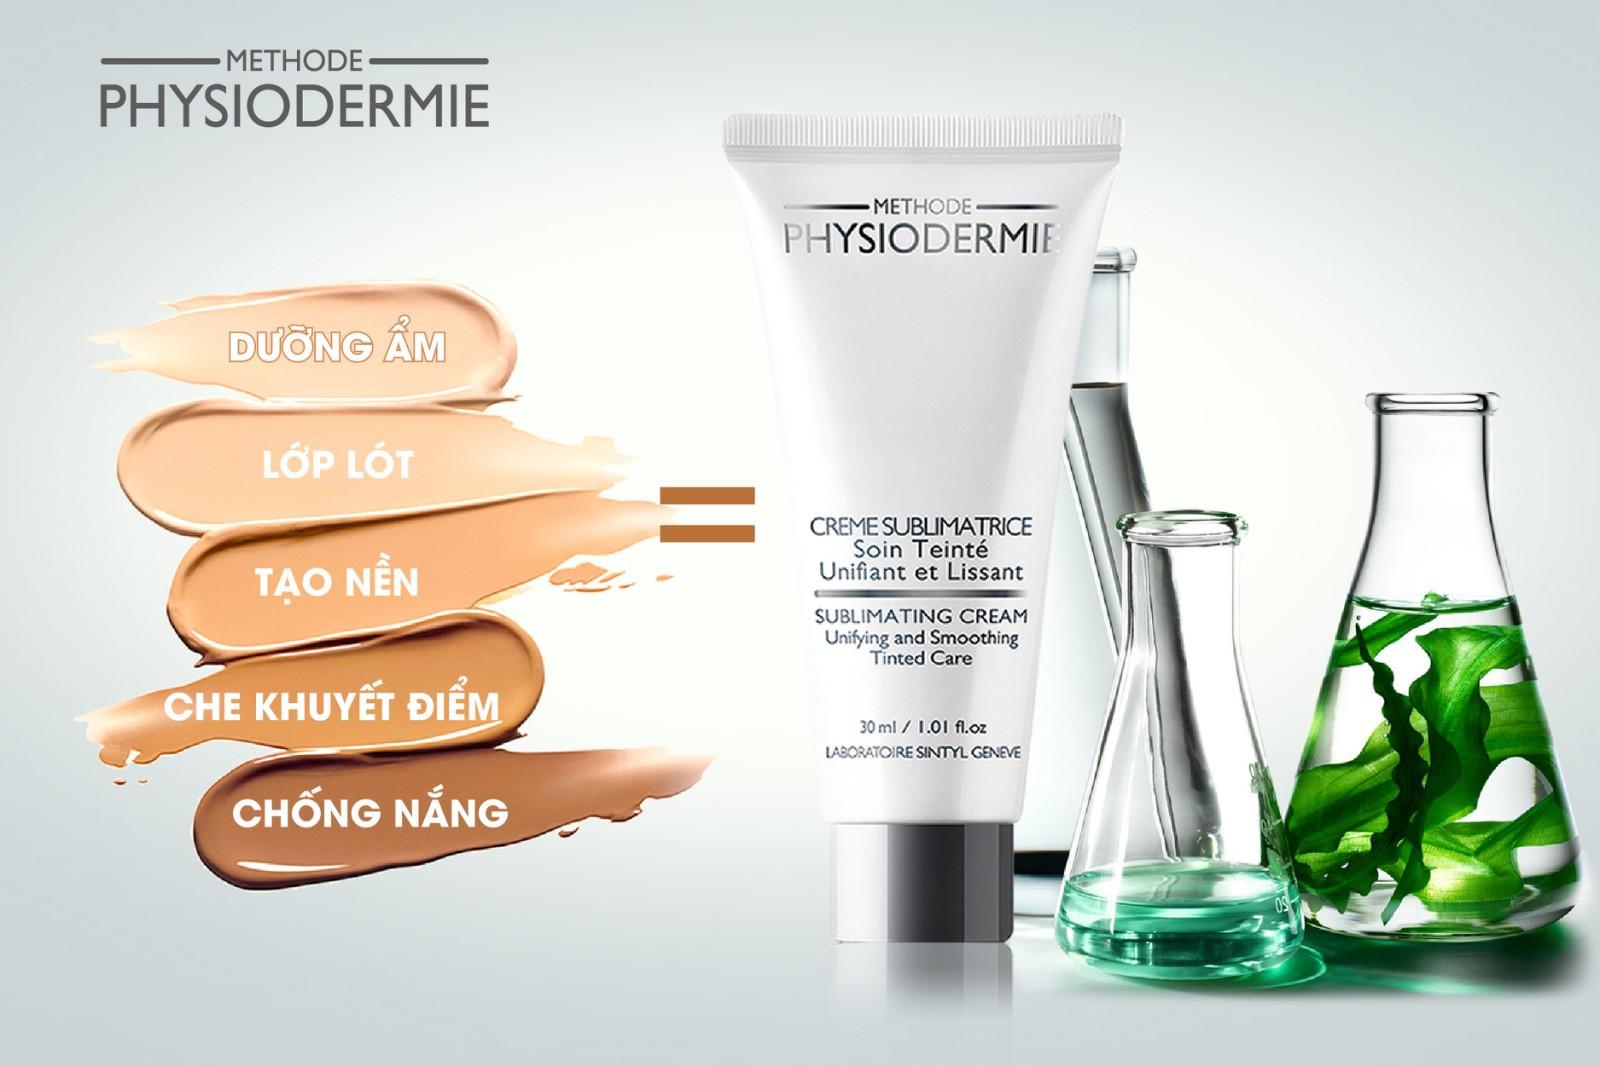 """""""Trang điểm dưỡng da"""" - Sự kết hợp hoàn hảo của skincare và make-up - Ảnh 4."""